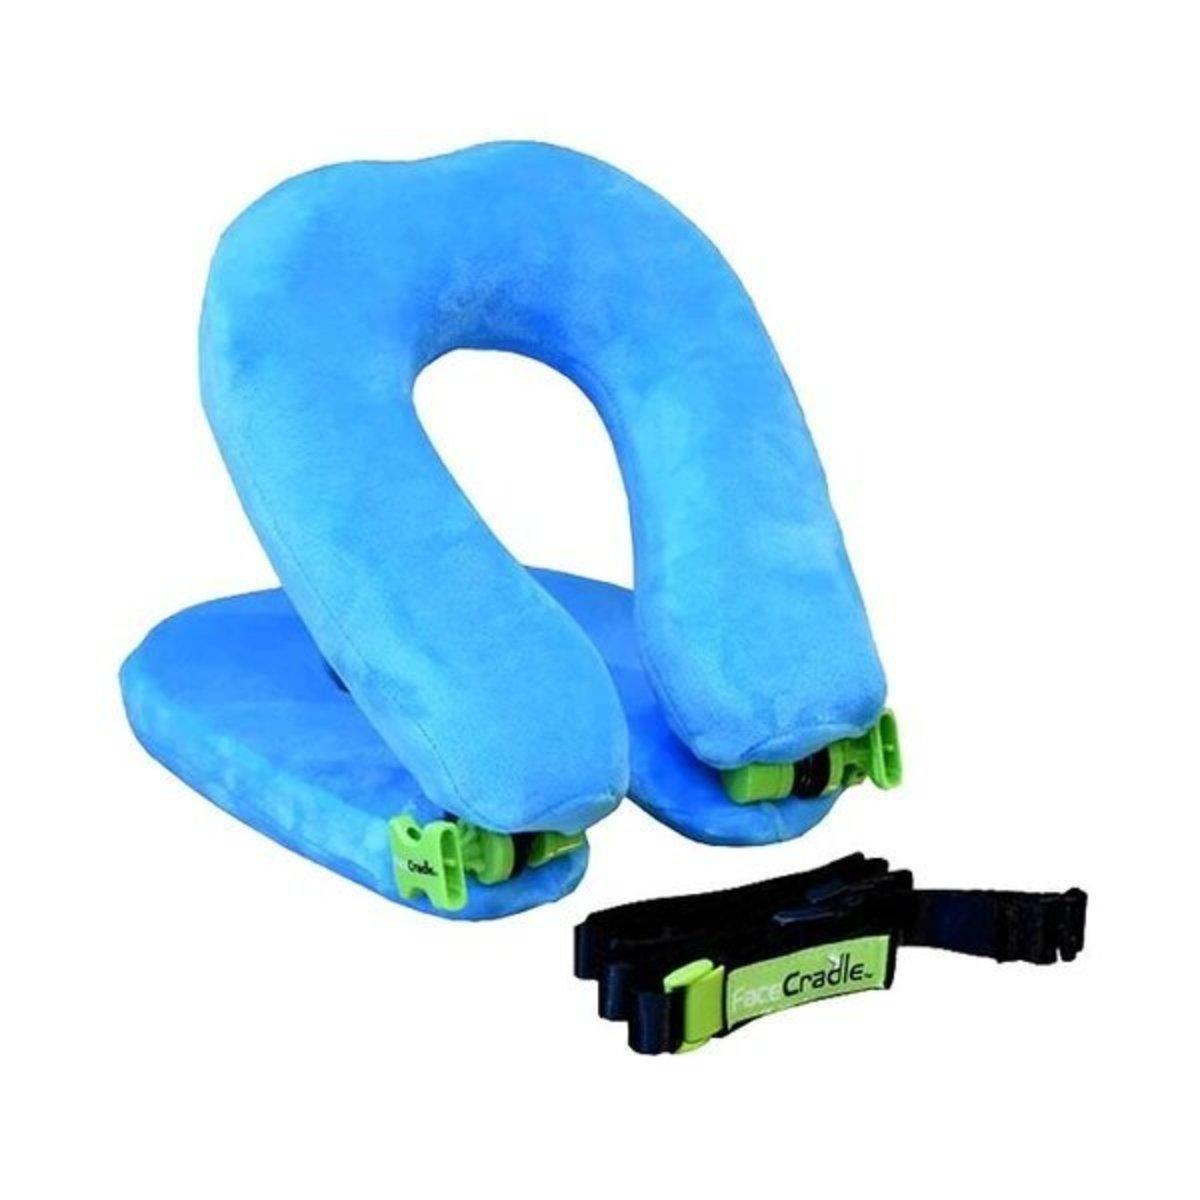 Wanderlust - 多功能旅行頸枕 輕巧型 - 藍色